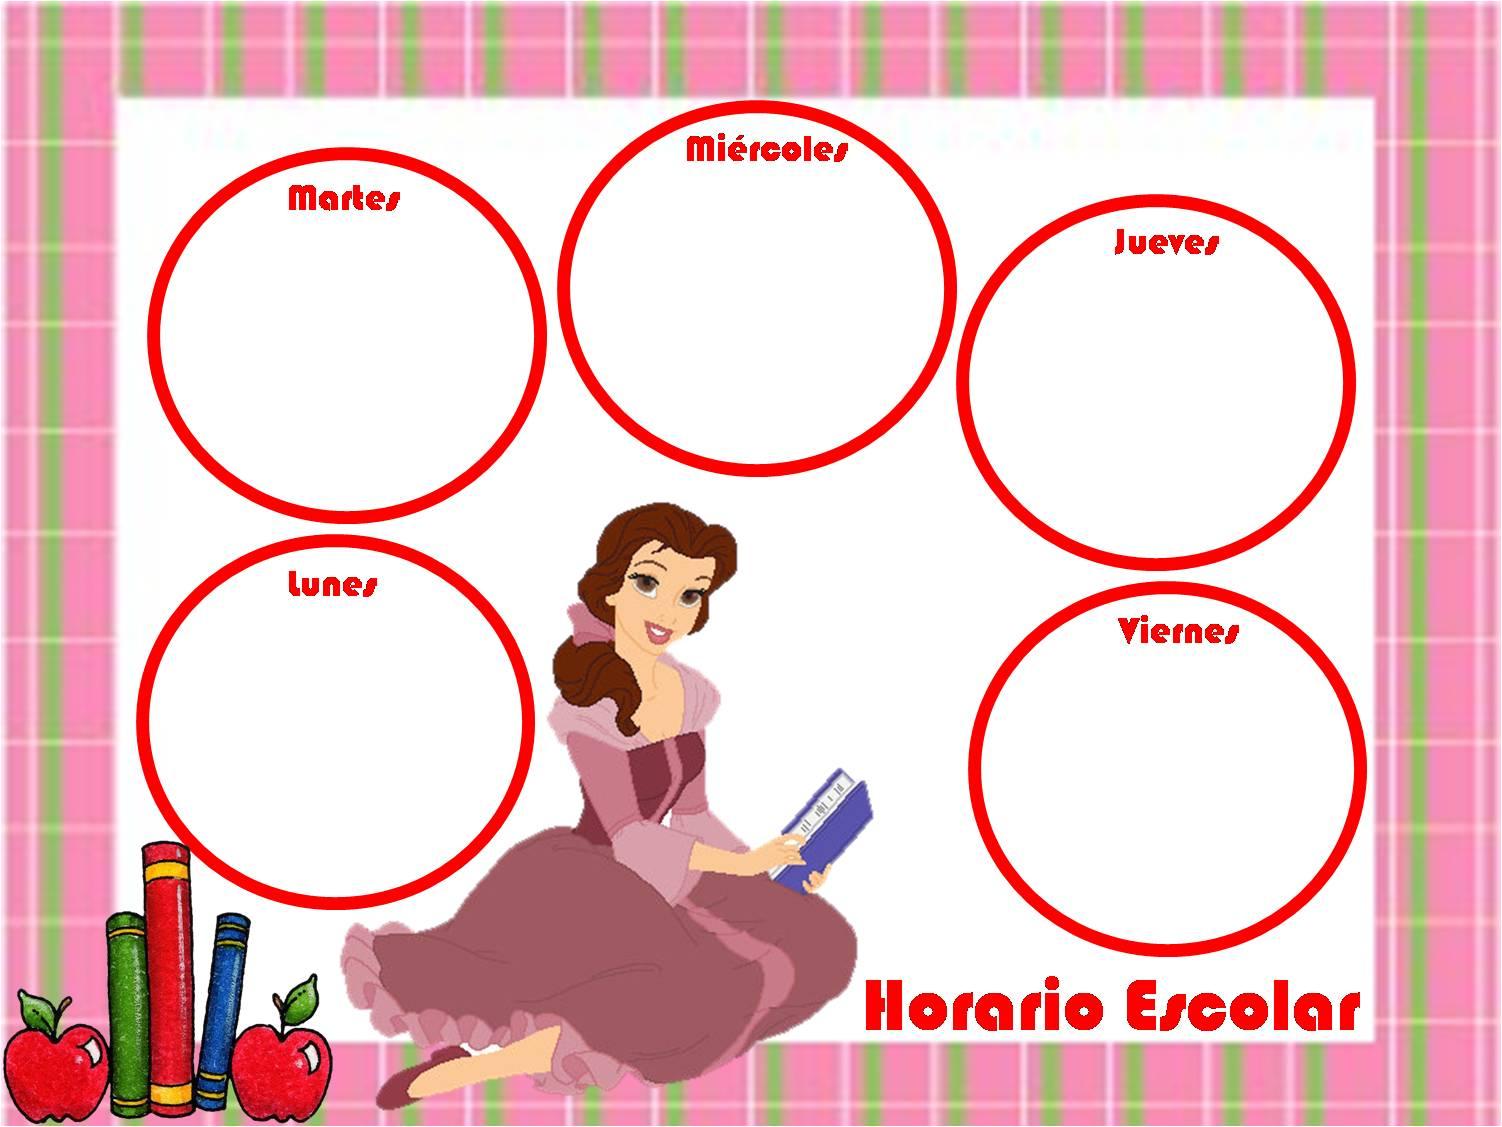 Imagenes De Horarios Escolares Para Ninos